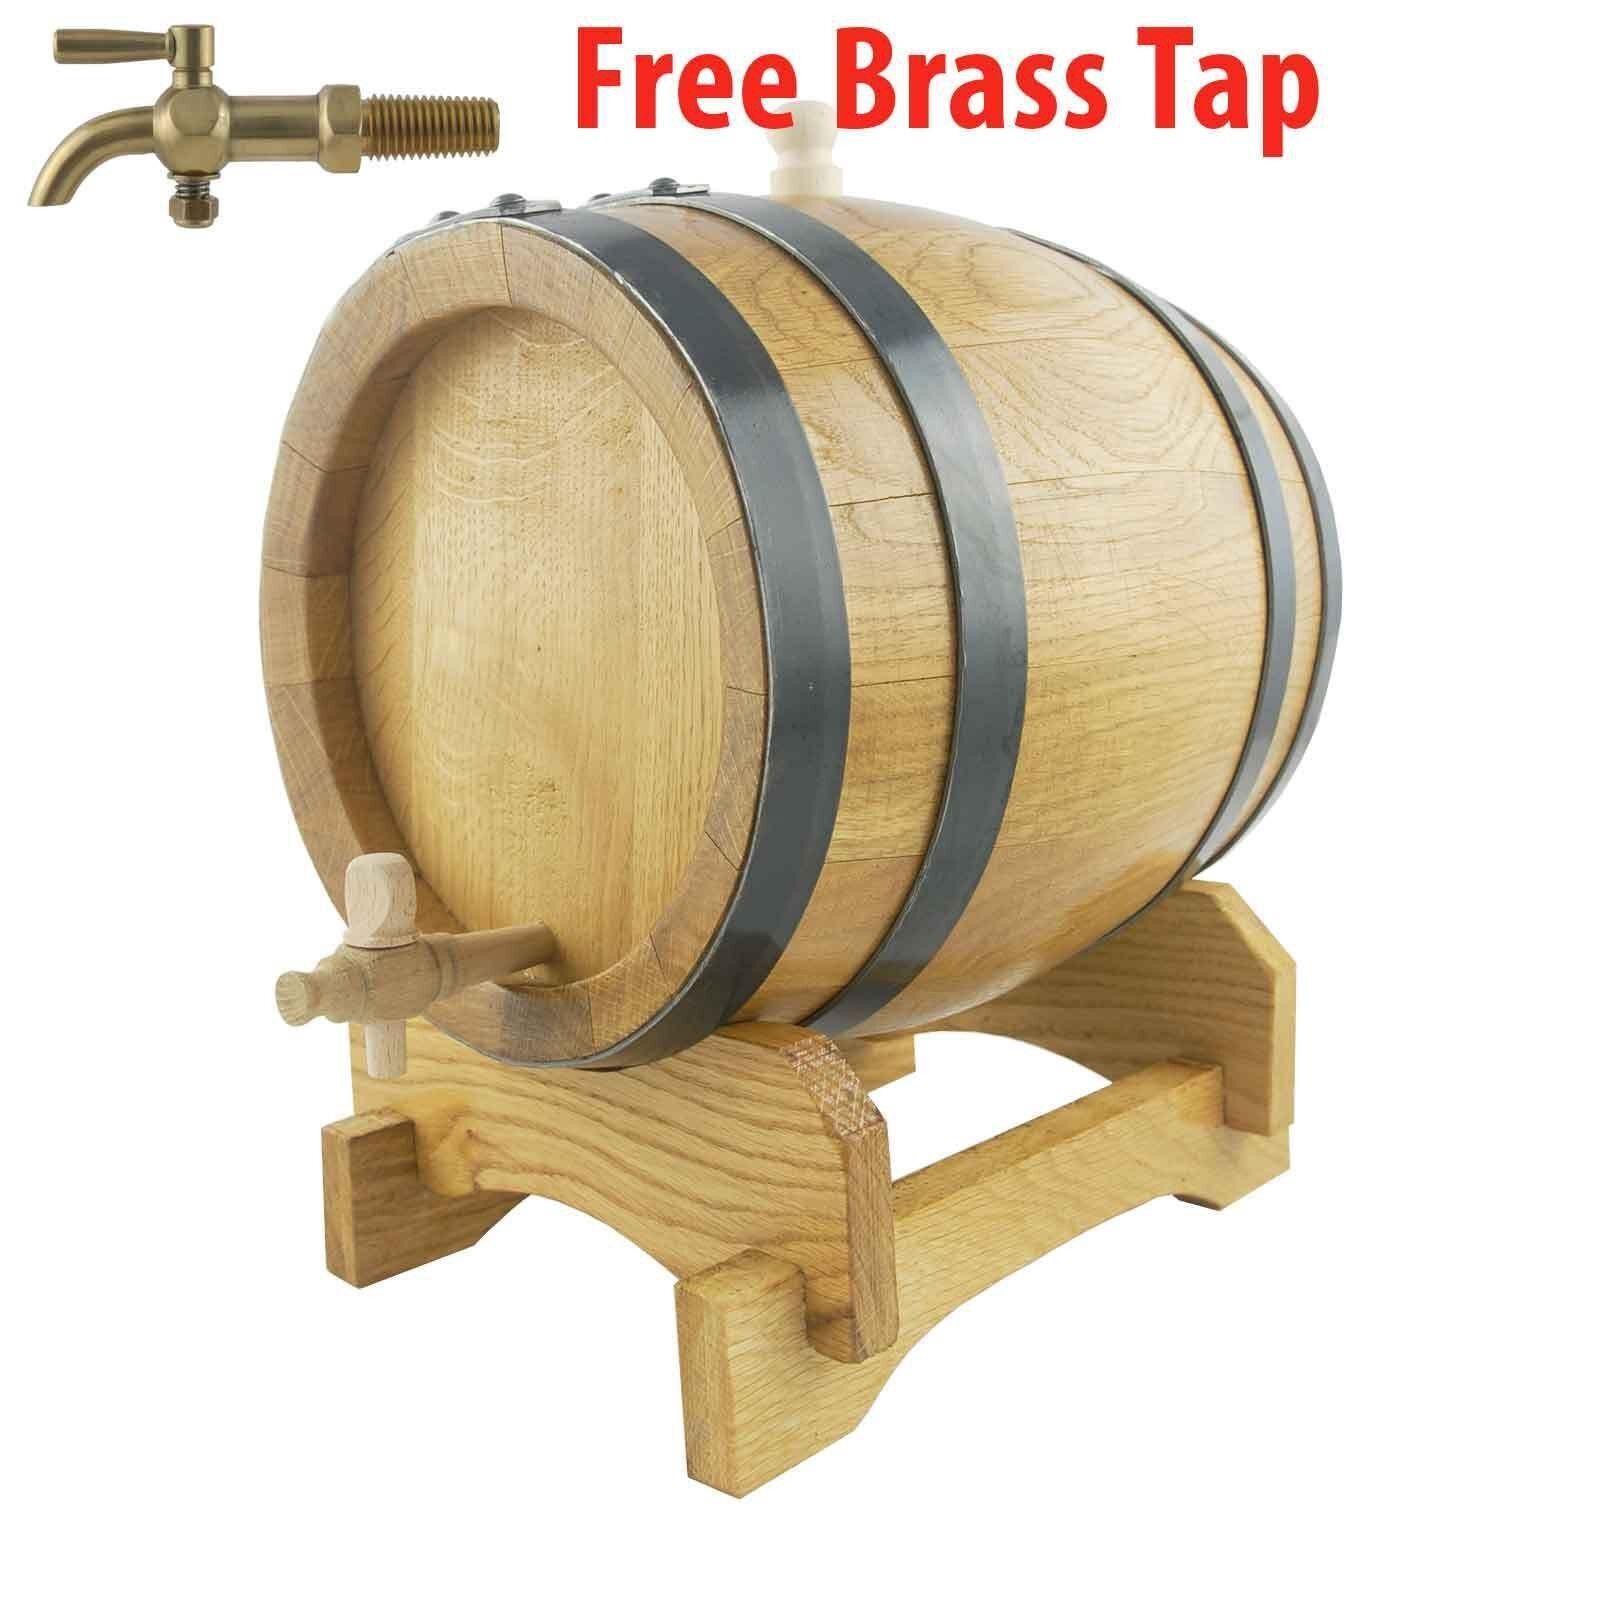 Oak Barrel 5 Lts Varnished Port Barrel Mens Gift Home Brew Whiskey Rum